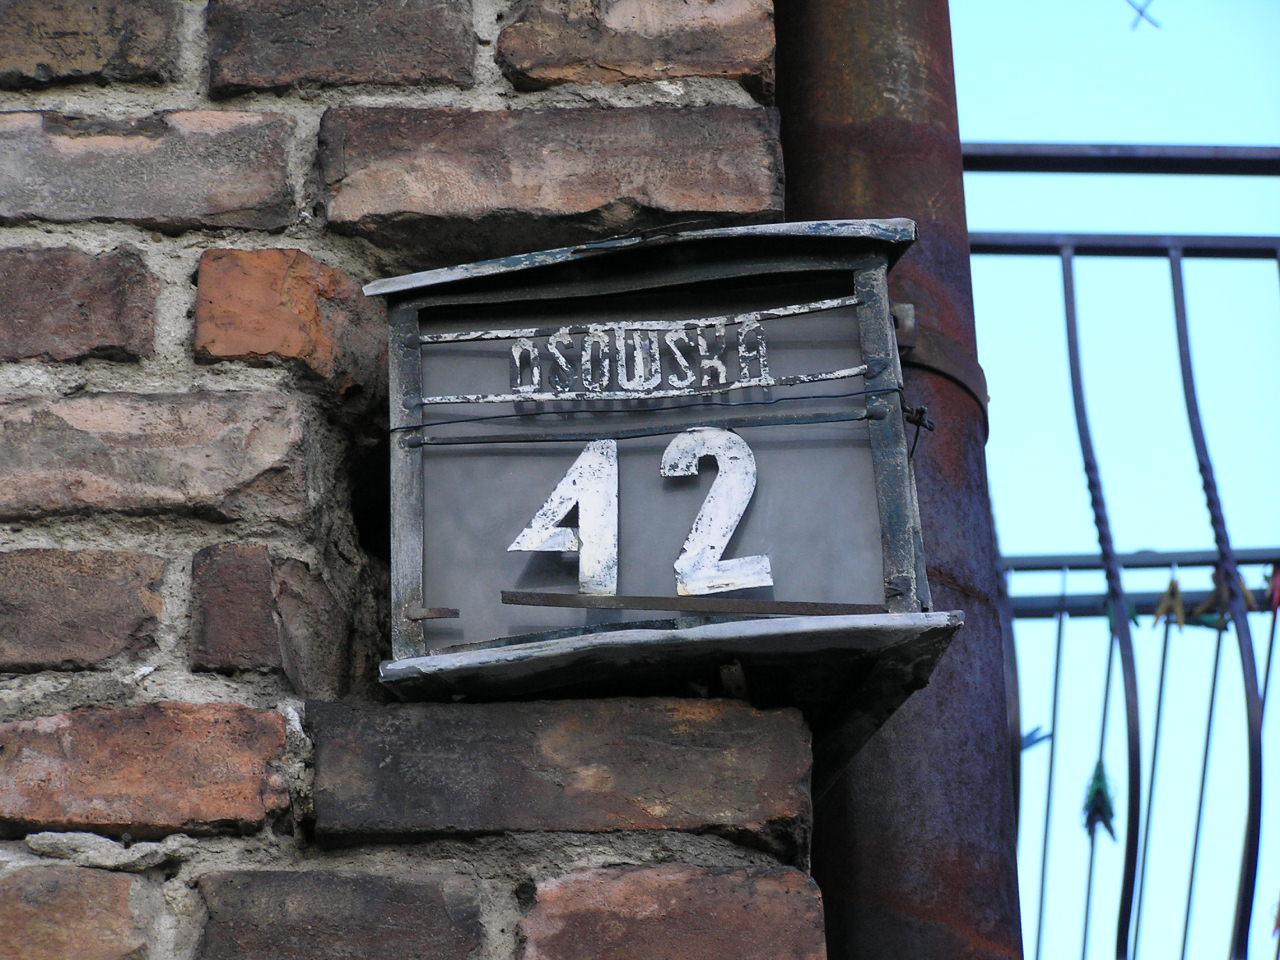 Latarenka adresowa - Osowska 42